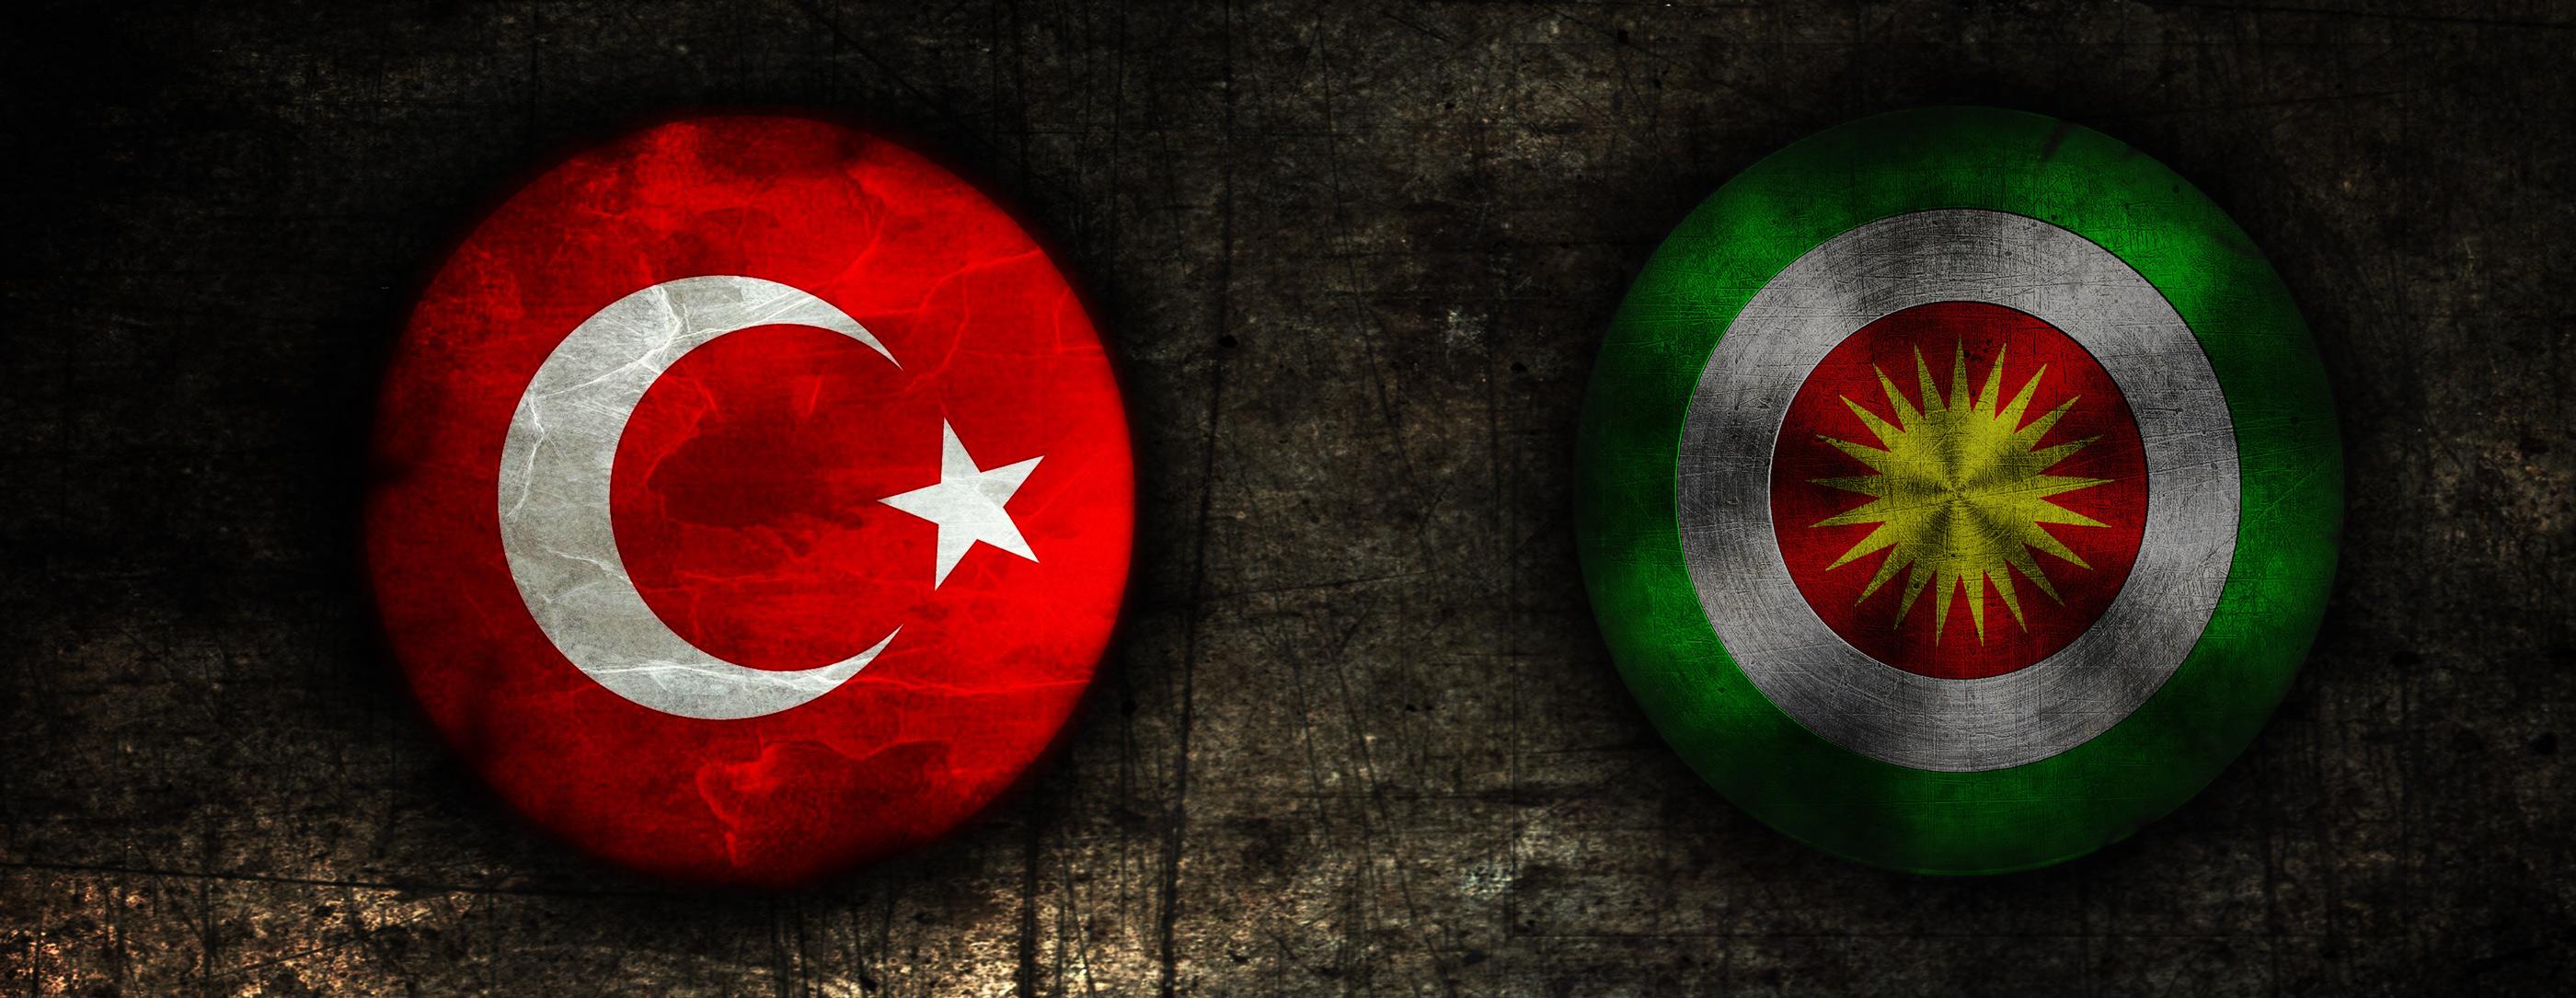 Der vergessene Krieg – die Kurden in der Türkei